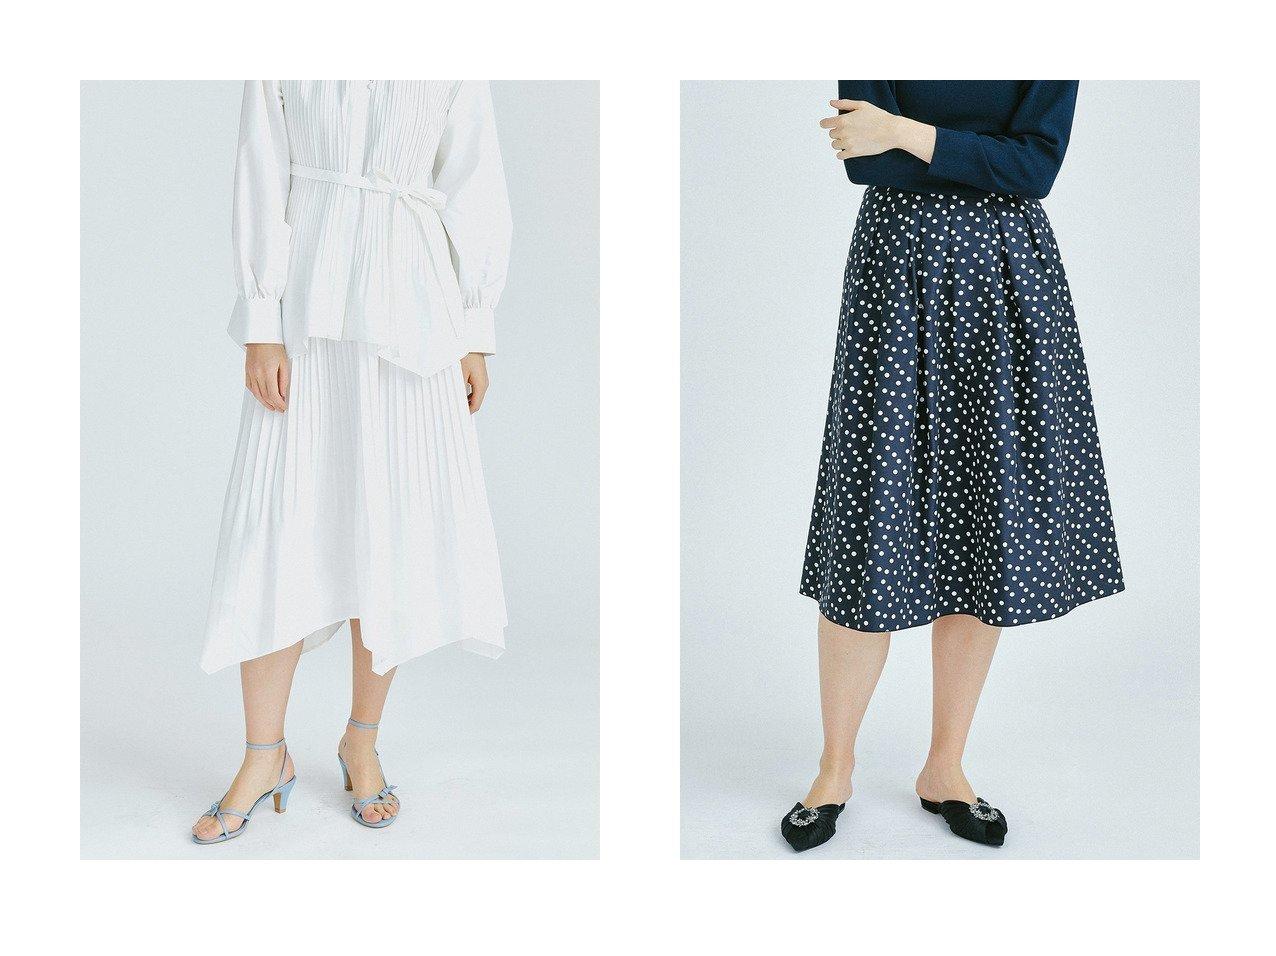 【LANVIN en Bleu/ランバン オン ブルー】のドット&プレーンタックスカート&ブロードプリーツスカート LANVIN en Bleuのおすすめ!人気、トレンド・レディースファッションの通販 おすすめで人気の流行・トレンド、ファッションの通販商品 メンズファッション・キッズファッション・インテリア・家具・レディースファッション・服の通販 founy(ファニー) https://founy.com/ ファッション Fashion レディースファッション WOMEN スカート Skirt プリーツスカート Pleated Skirts イエロー イレギュラーヘム 春 Spring クラシカル コンパクト セットアップ タイプライター ツイル バランス フレア プリーツ ベーシック 2021年 2021 S/S 春夏 SS Spring/Summer 2021 春夏 S/S SS Spring/Summer 2021 |ID:crp329100000019529